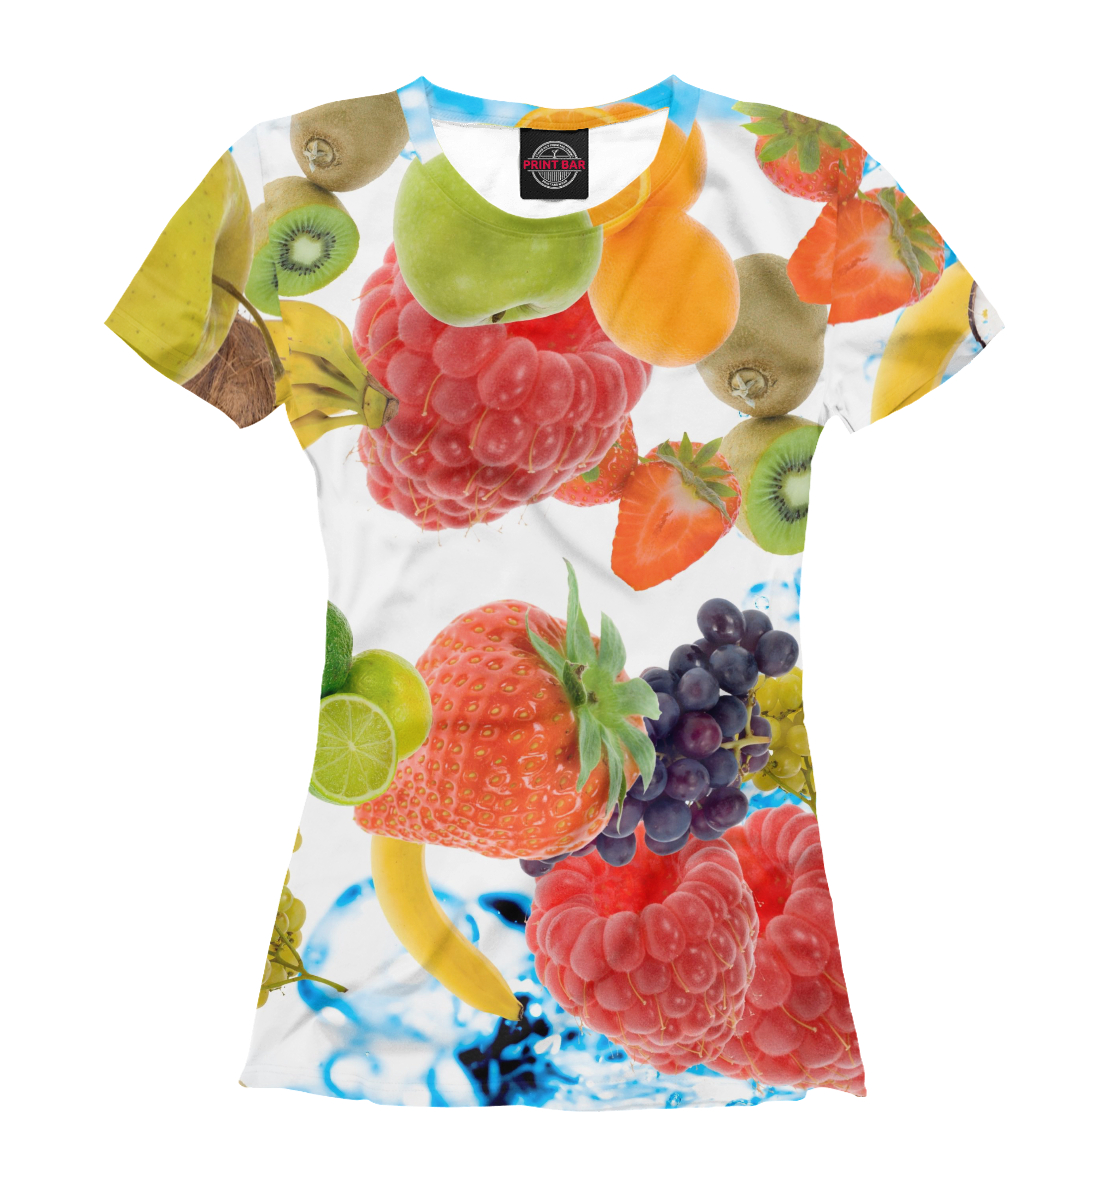 Купить Сочные ягоды и фрукты, Printbar, Футболки, EDA-323893-fut-1